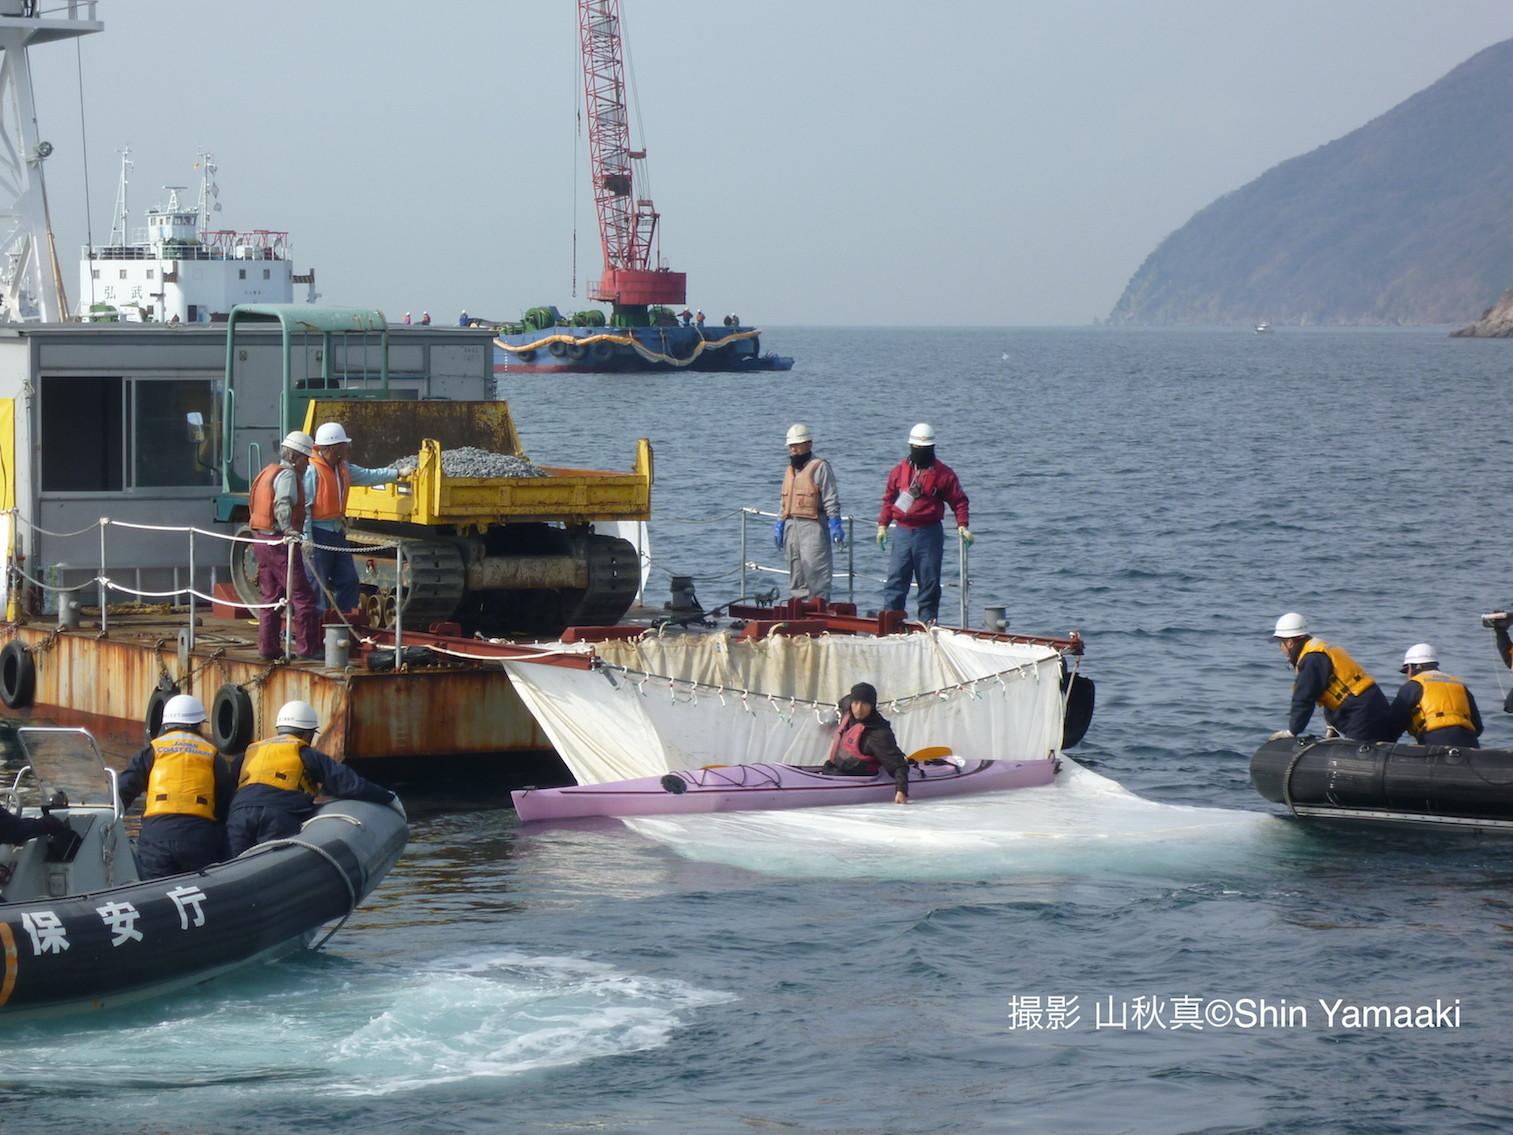 発をつくらせない人びと:上関原発の建設予定地・埋め立て予定海域2